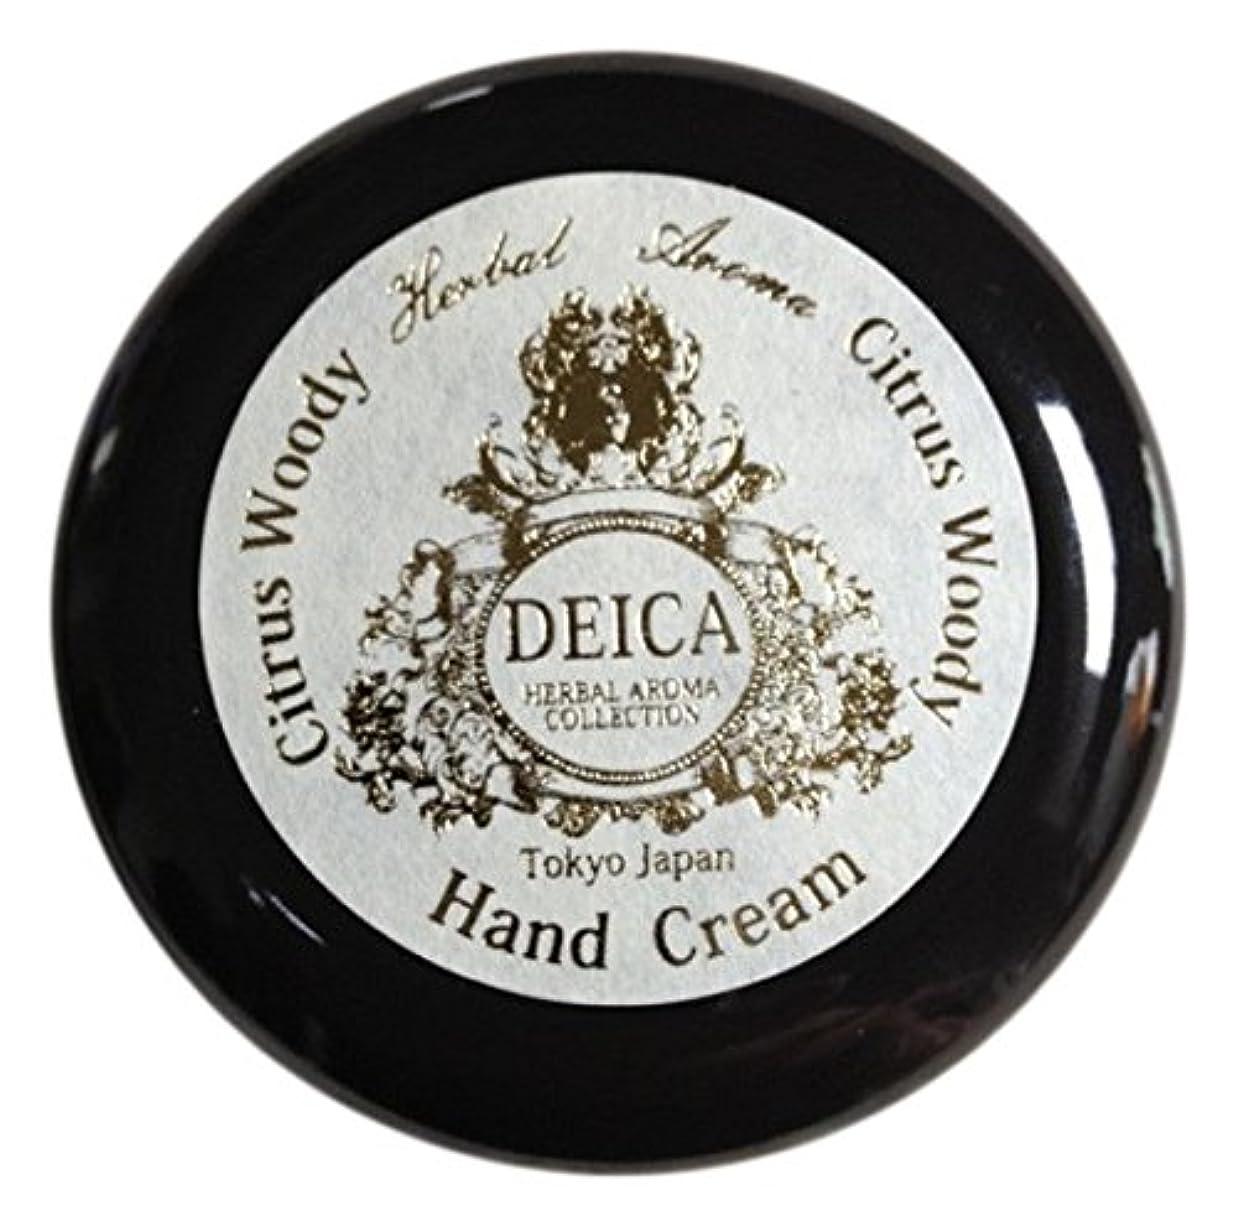 細胞サイトラインどんよりしたDEICA ハーバルアロマ ハンドクリーム シトラスウッディ